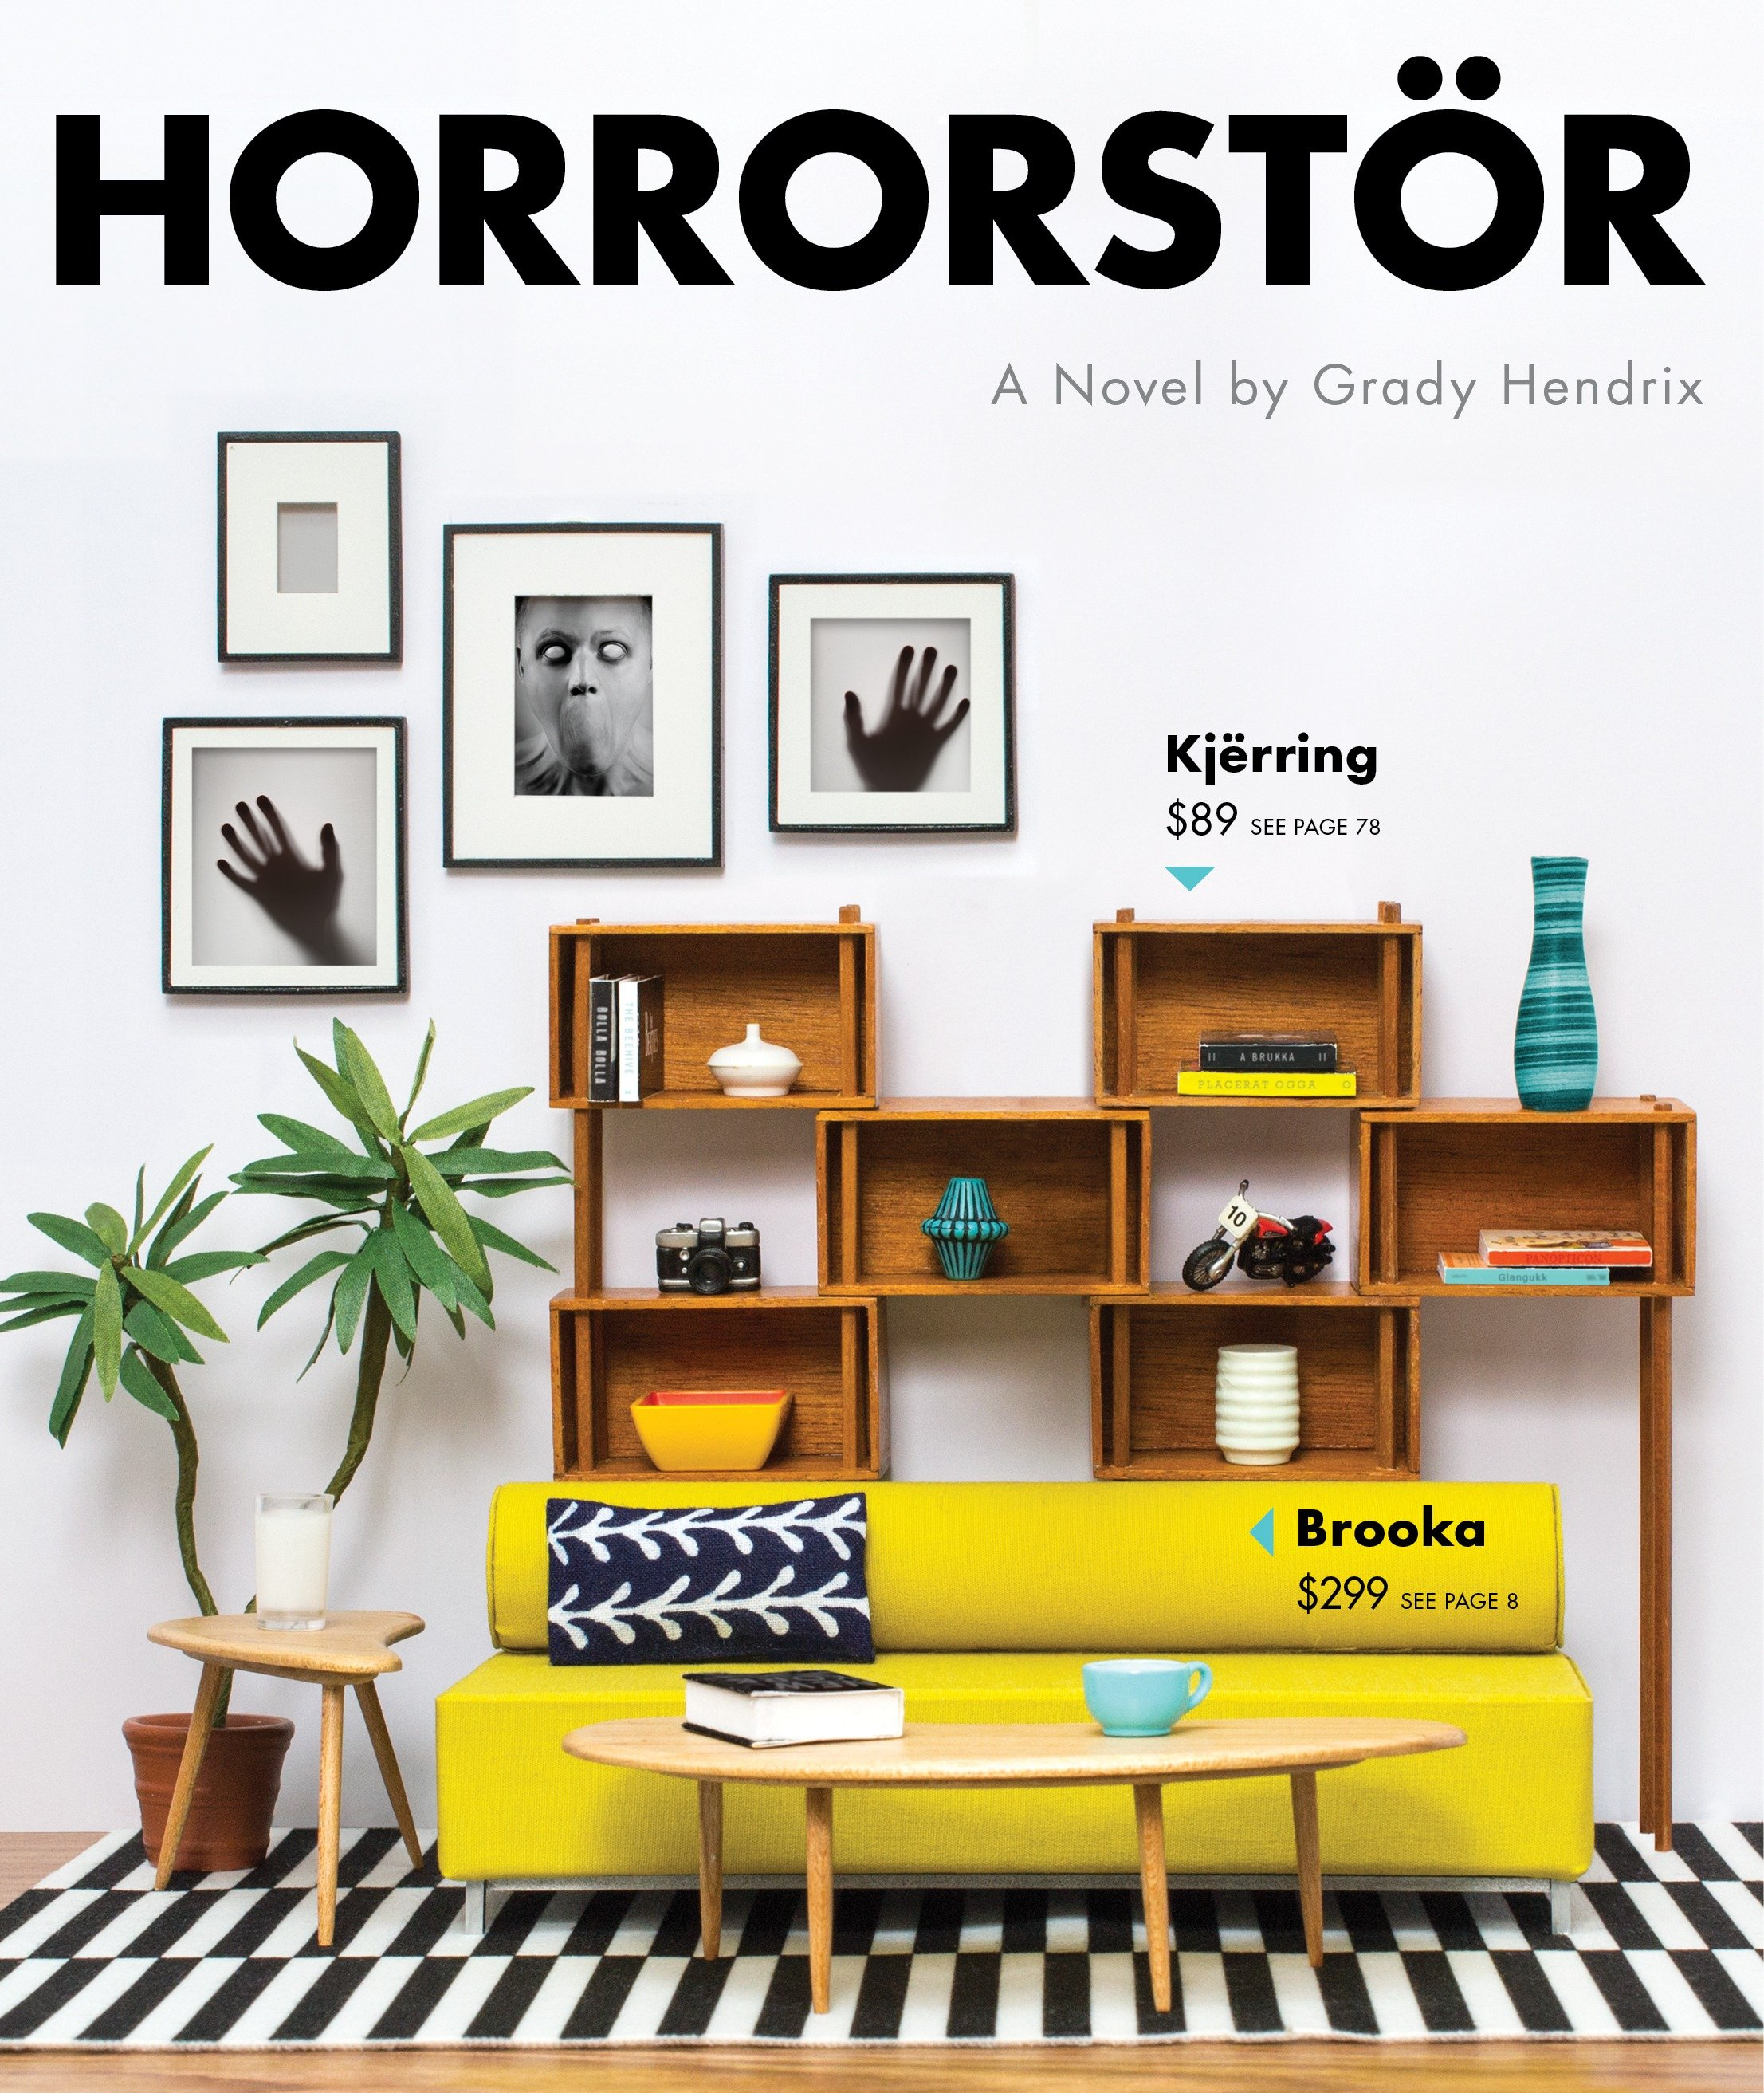 Horrorstor A Novel